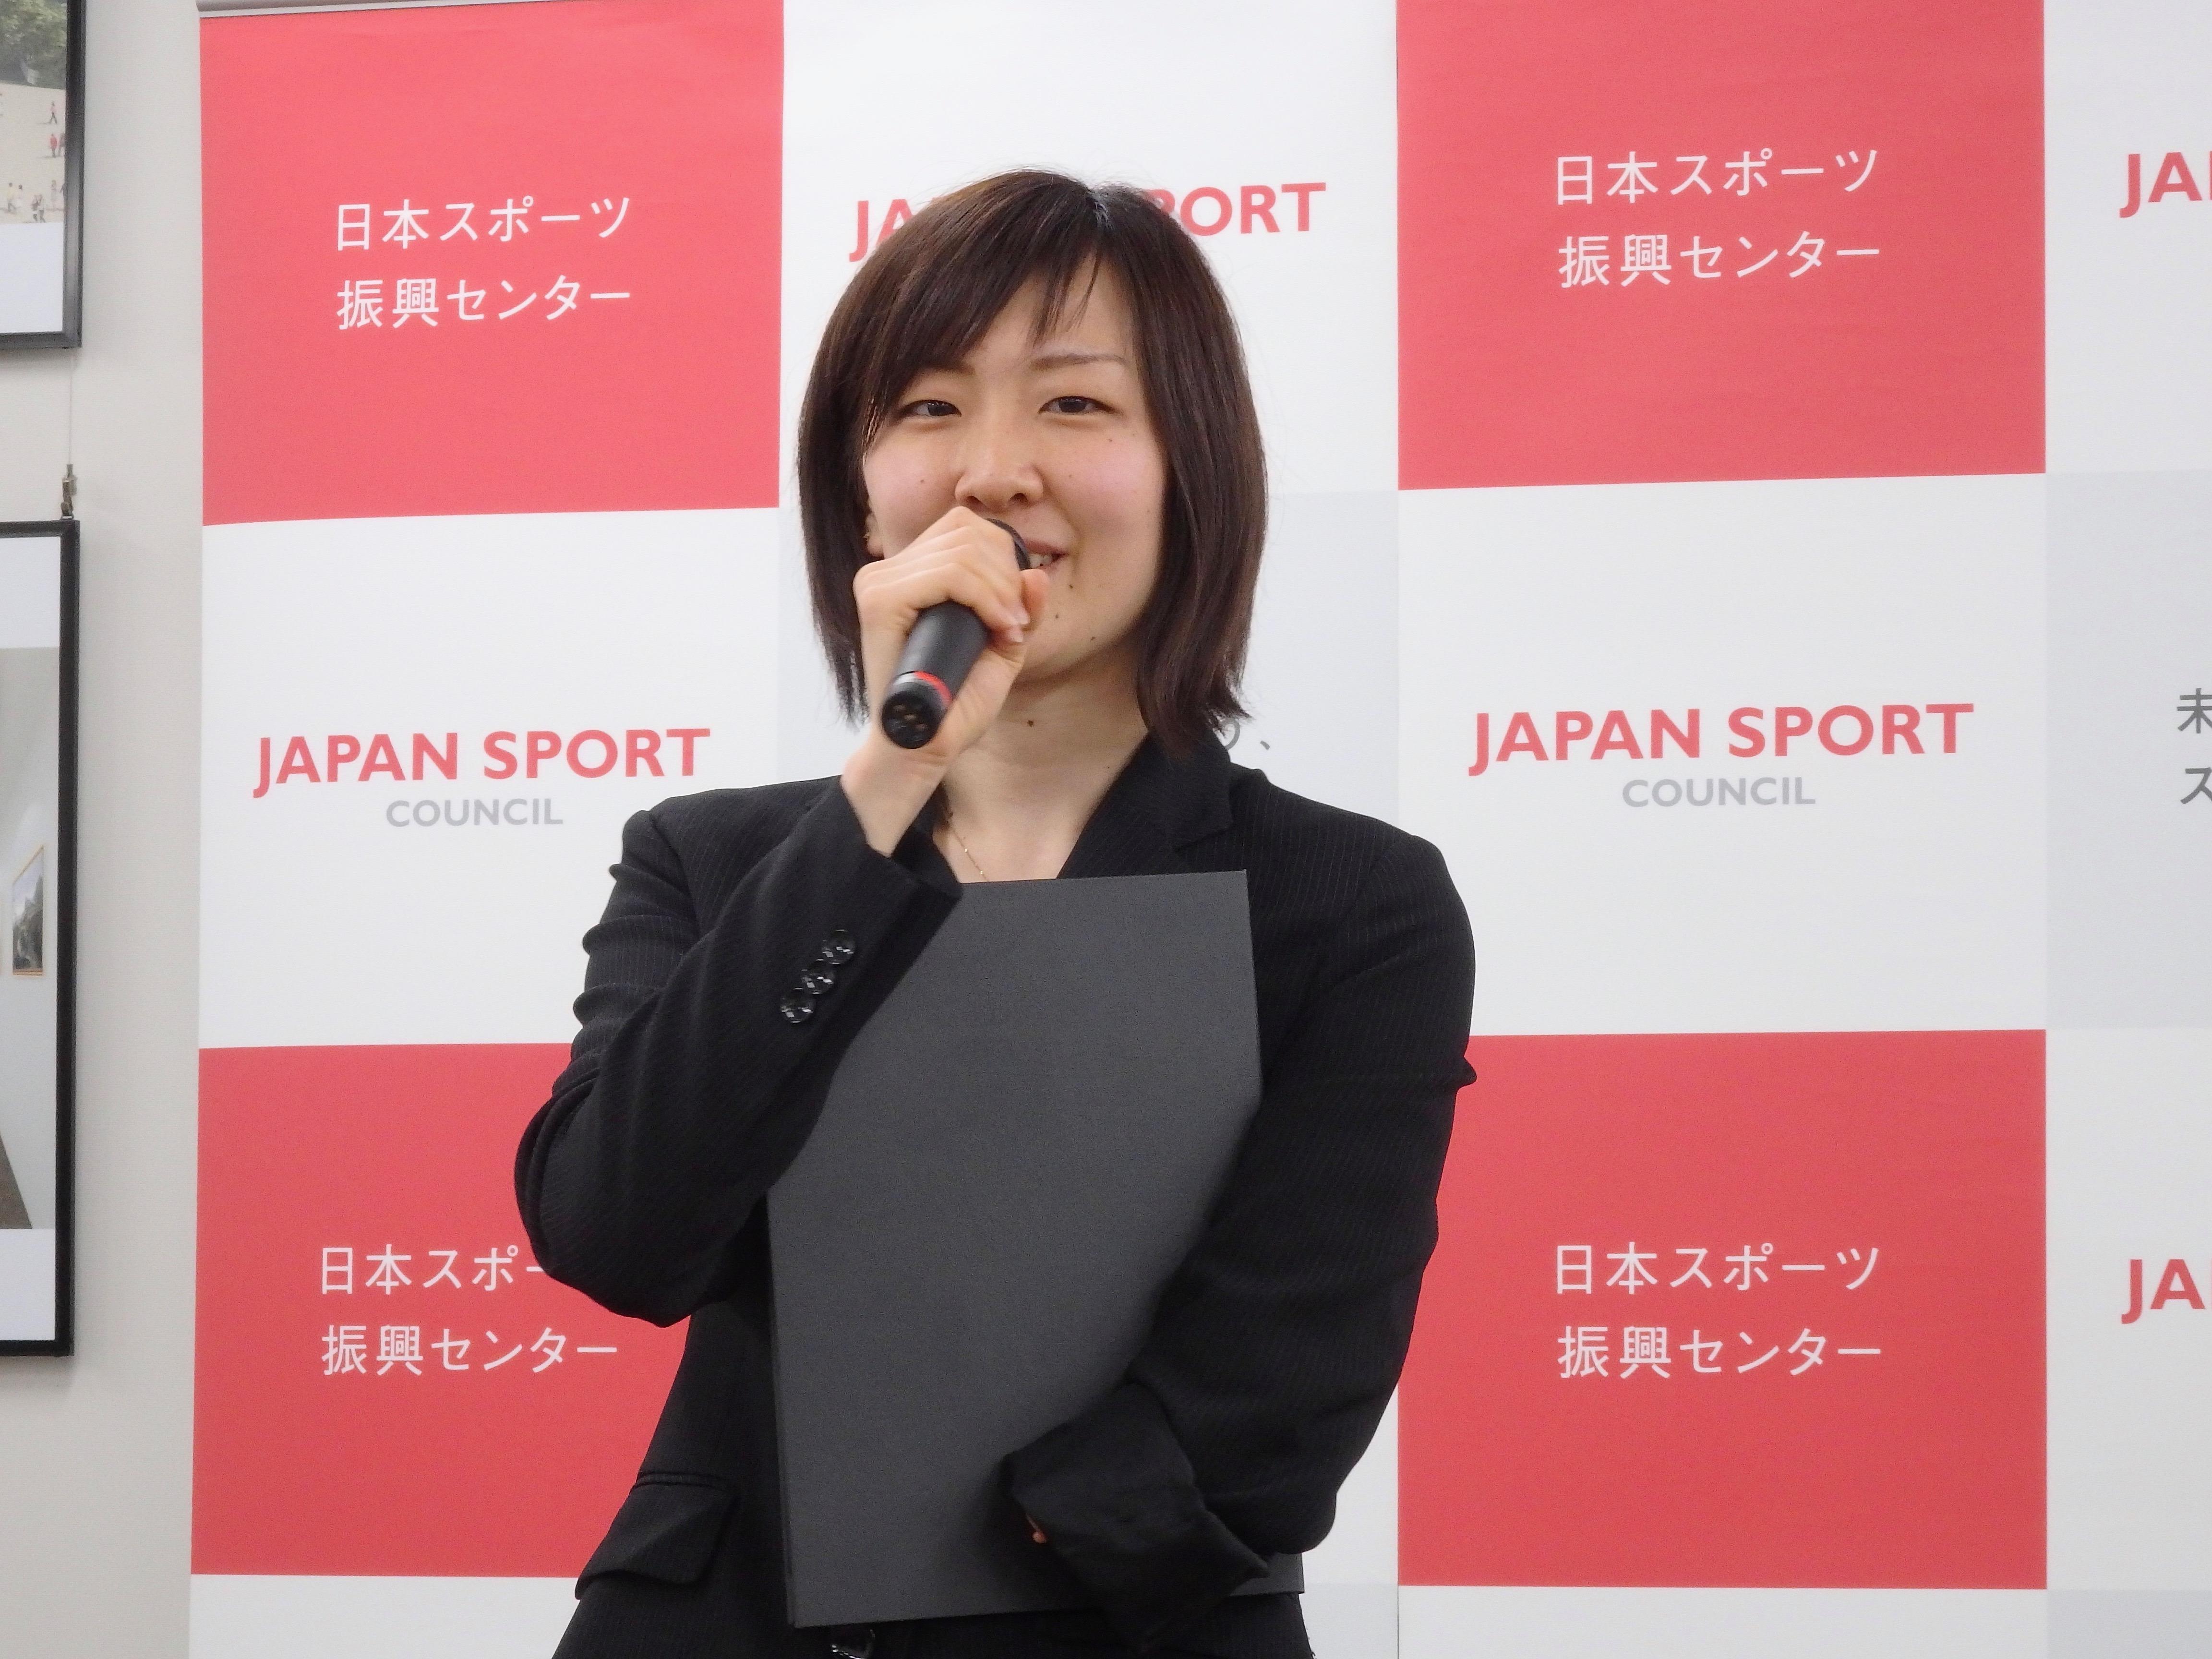 http://news.yoshimoto.co.jp/20170414065926-0626b56f0af6e1f4ed9b260c72d0dc7d39fb7ec2.jpg